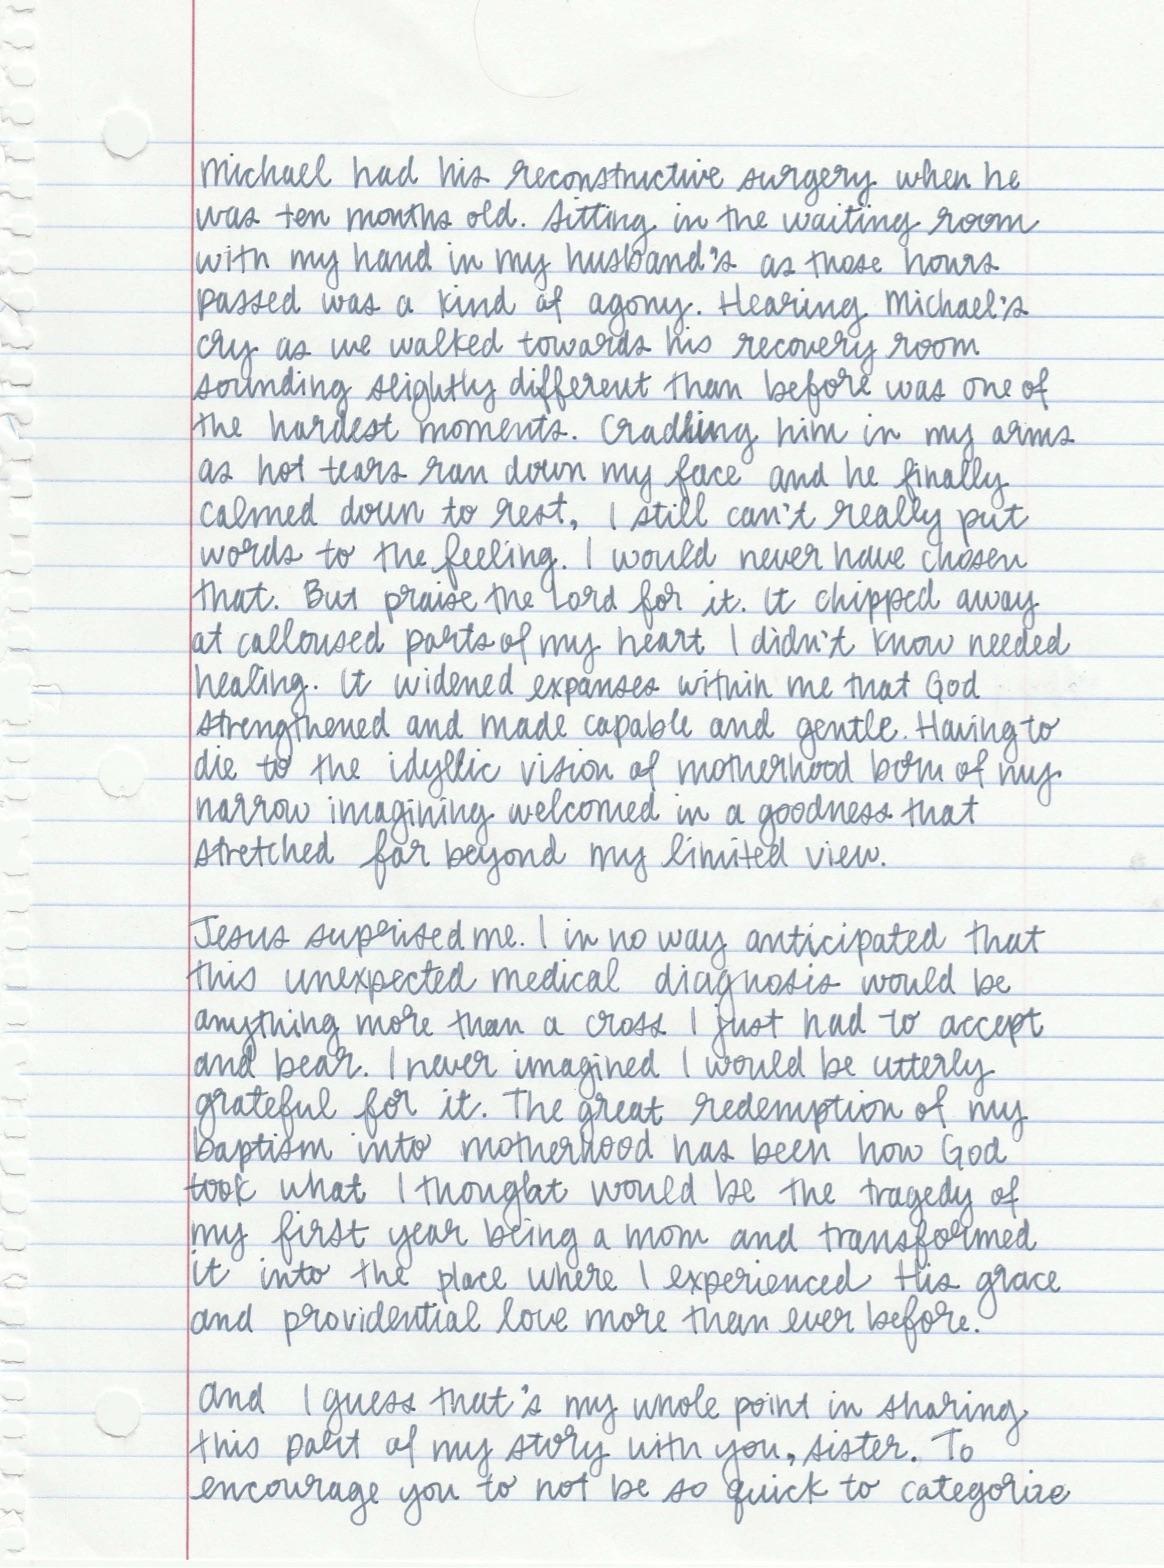 Written Letter5.jpg